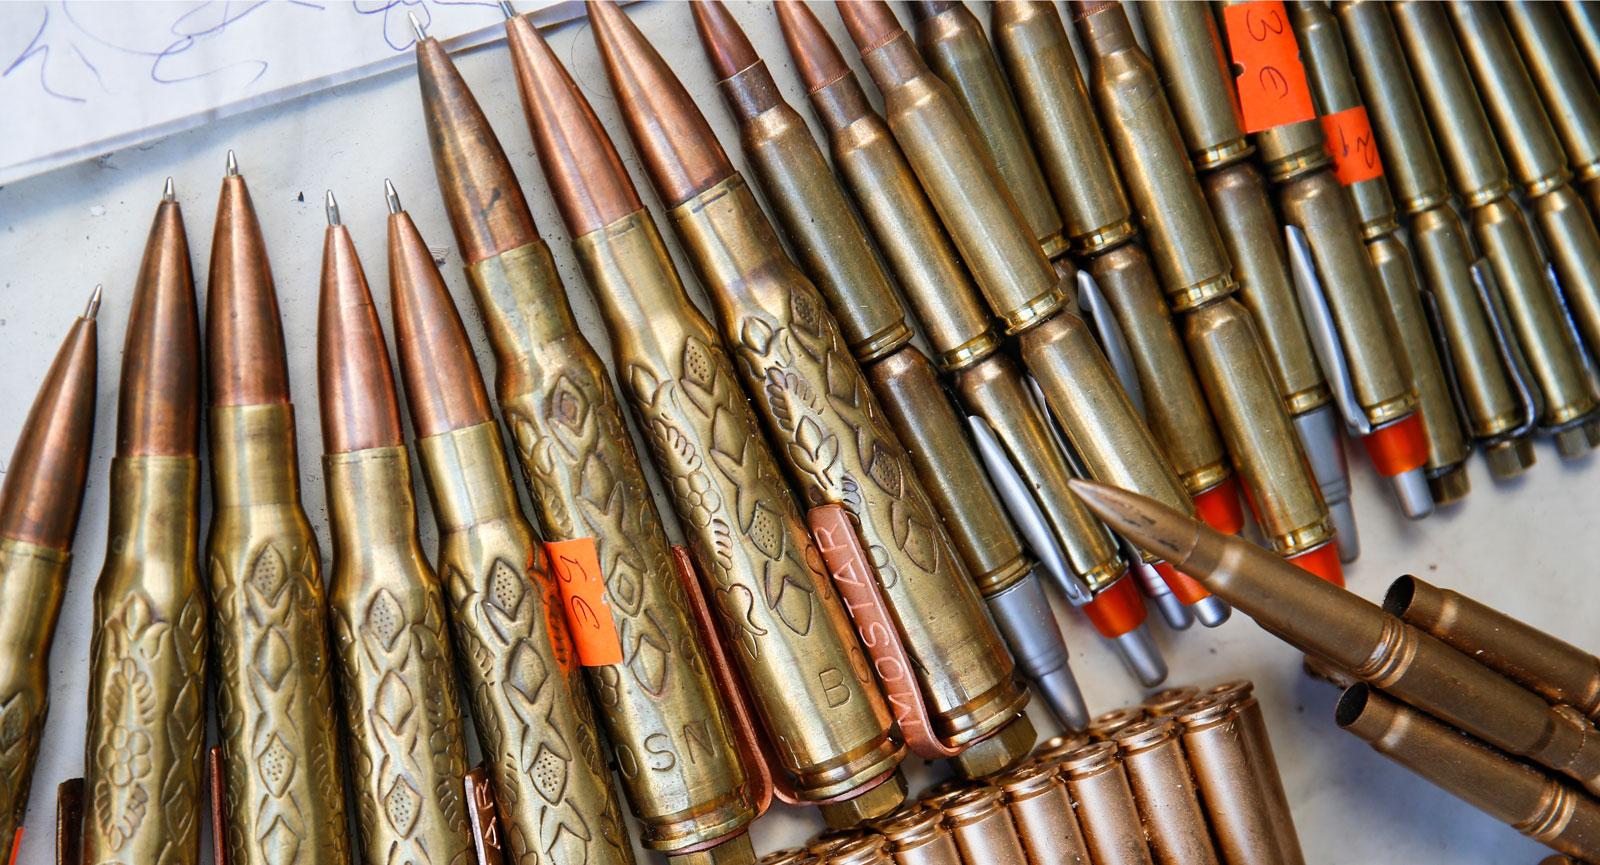 Souvenirer i form av ammunition. Tänk på att vissa kan vara olagliga!